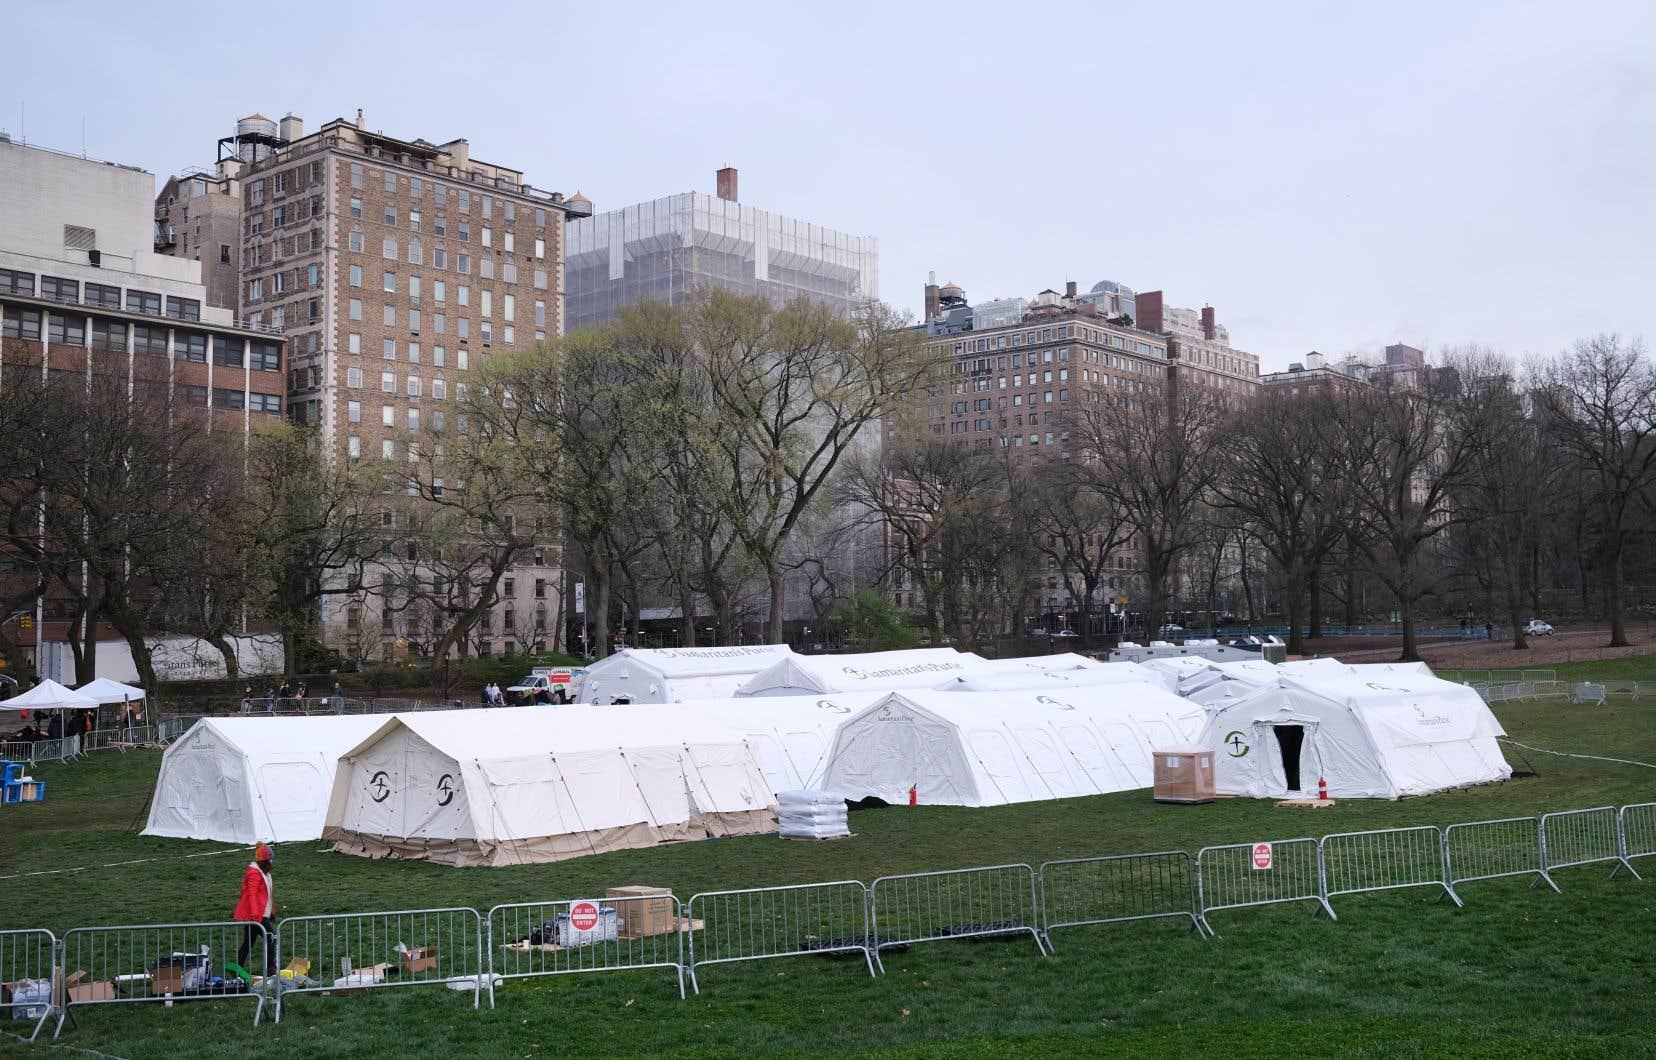 Une douzaine de tentes dressées dans Central Park depuis dimanche se préparaient mardi à accueillir jusqu'à 70 patients malades du virus provenant de l'hôpital Mount Sinai tout proche.